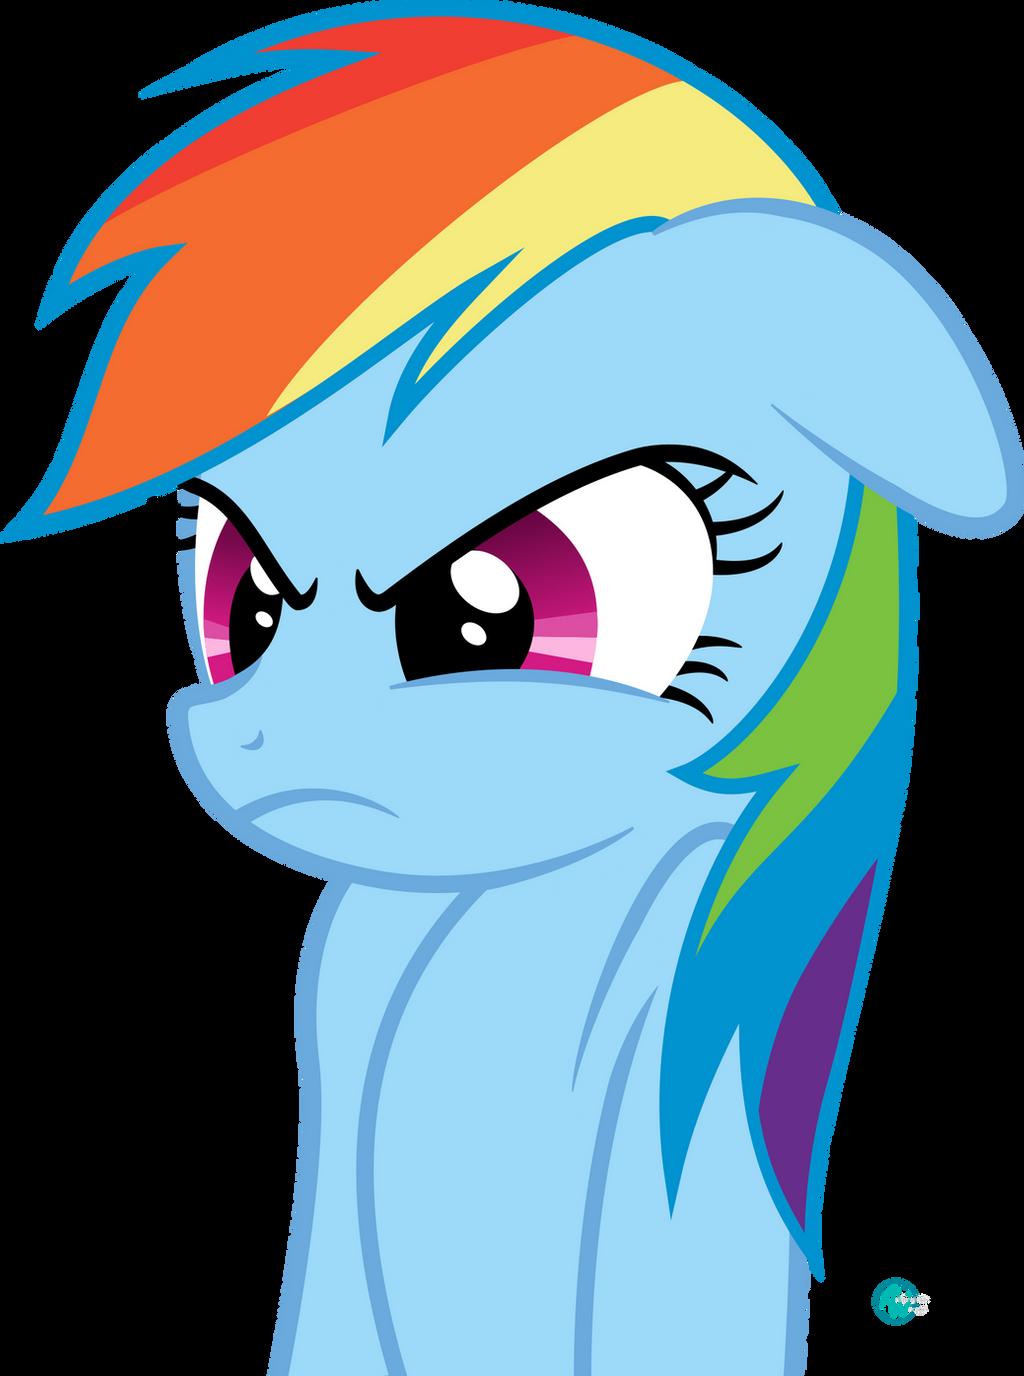 Vector #34 - Rainbow Dash #7 by DashieSparkle on DeviantArt